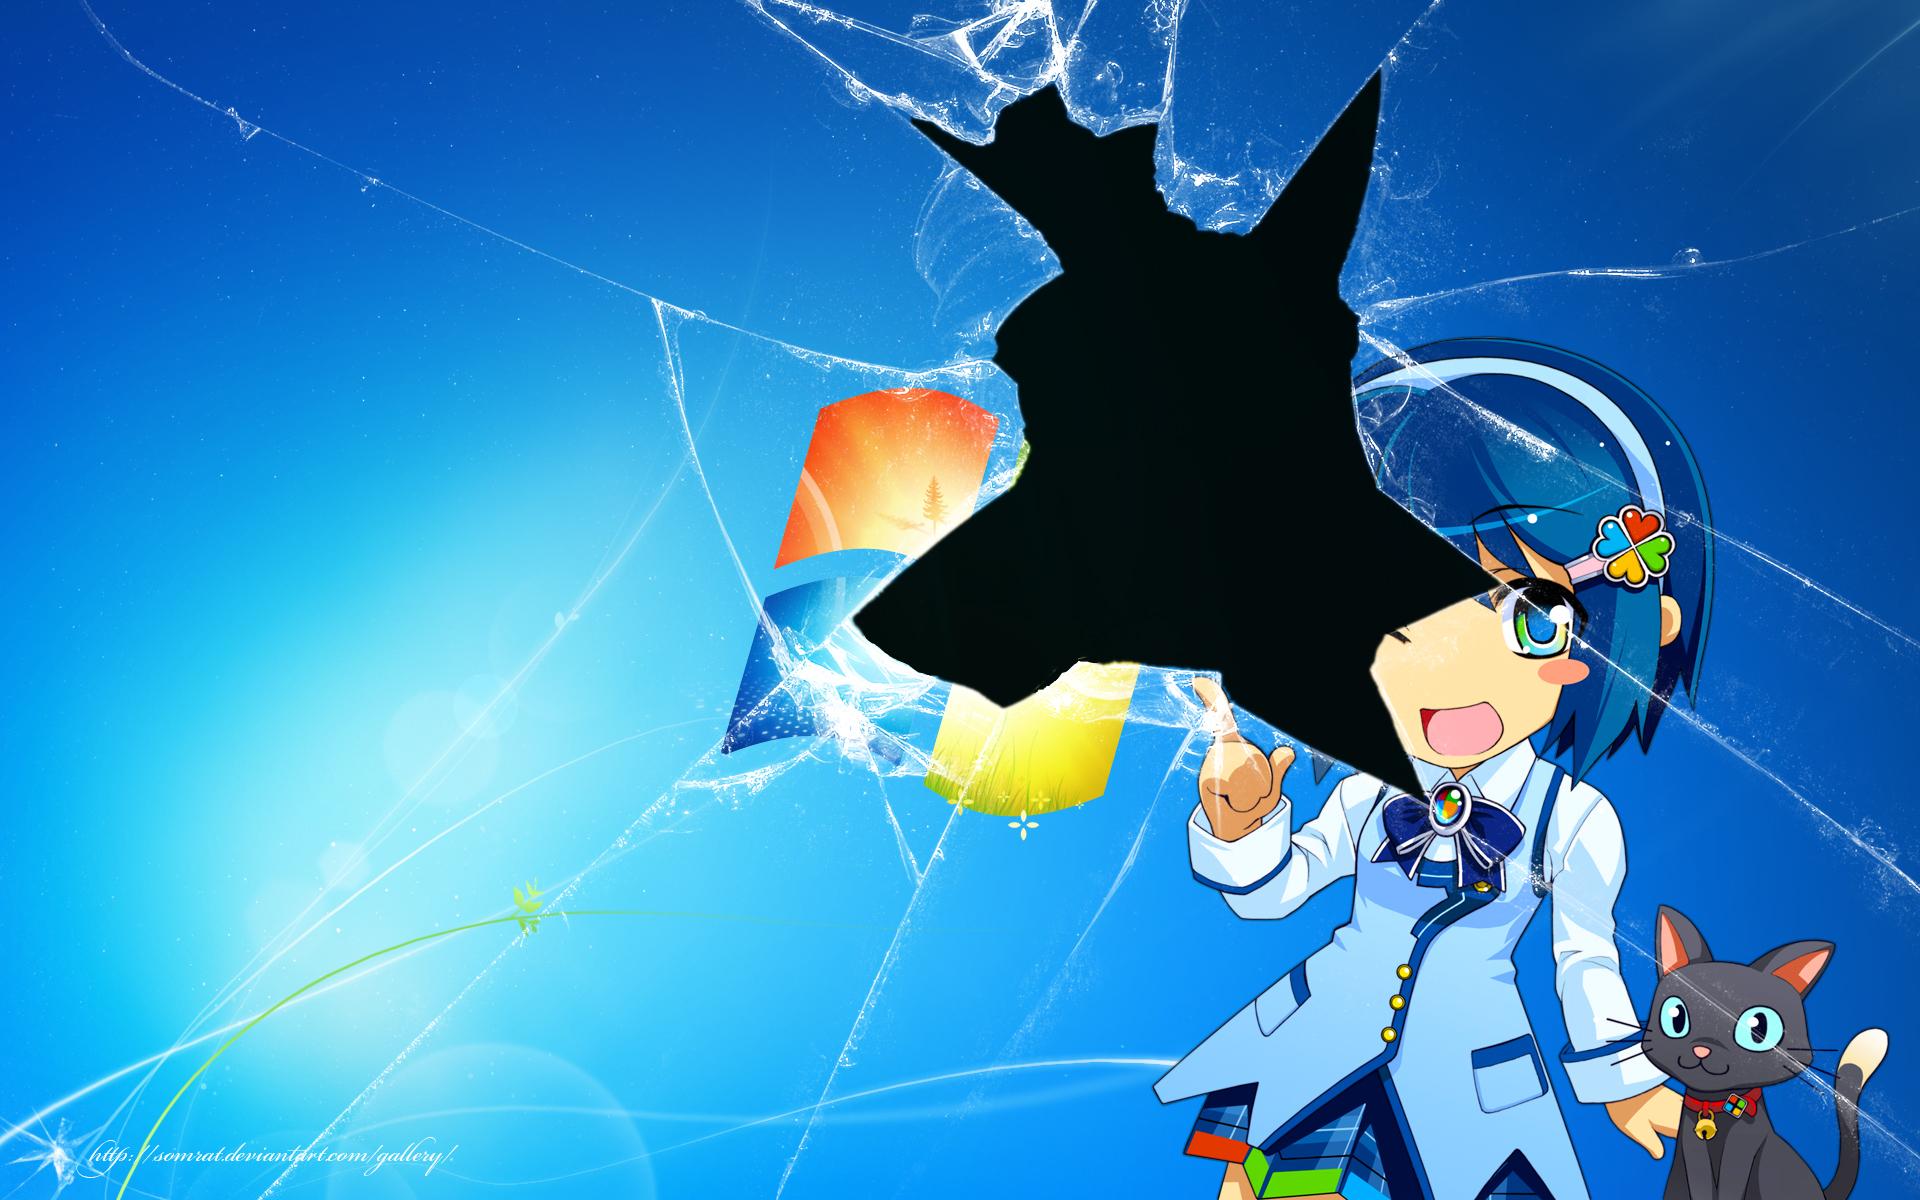 Anime wallpaper windows girl wallpapersafari - Anime wallpaper for tablet 7 inch ...